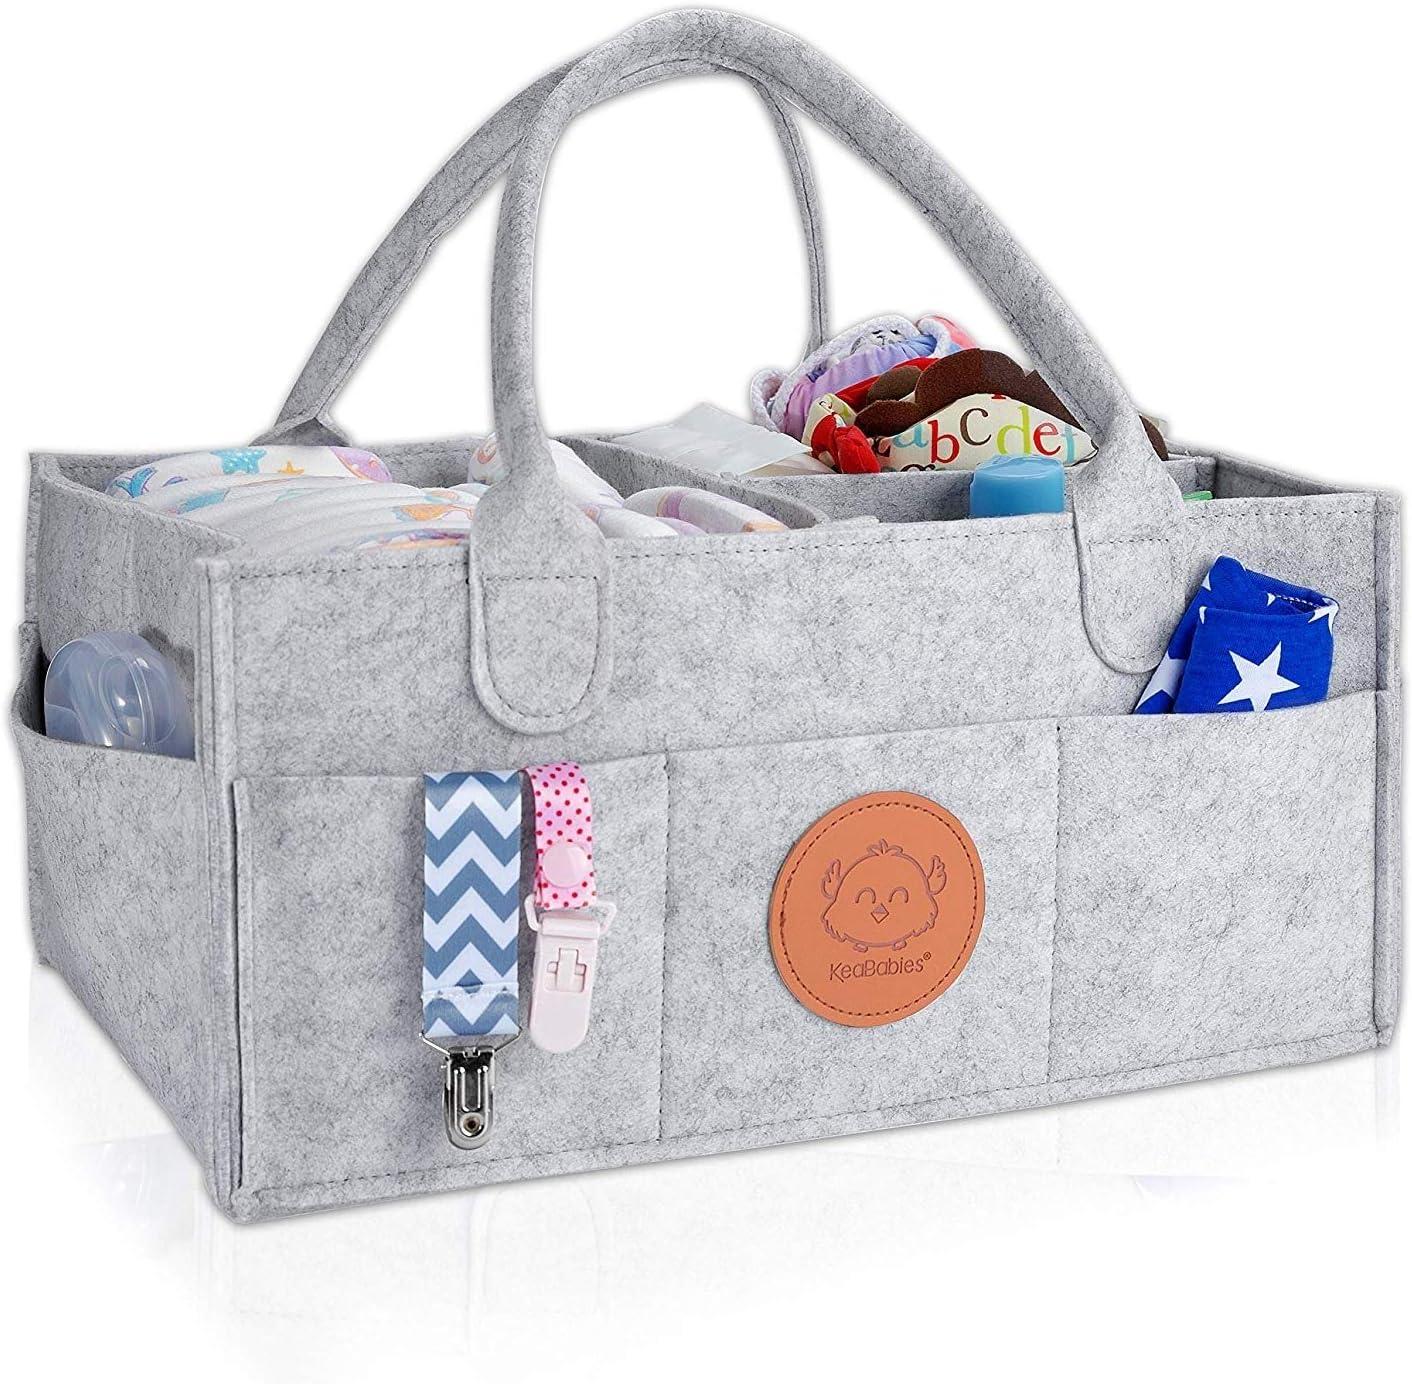 Bebé Organizador de Pañales - Grandes Organizadores para Bebés y Almacenamiento para Guardería - Cesto de Pañales Portátil - Regalo de Registro de bebé